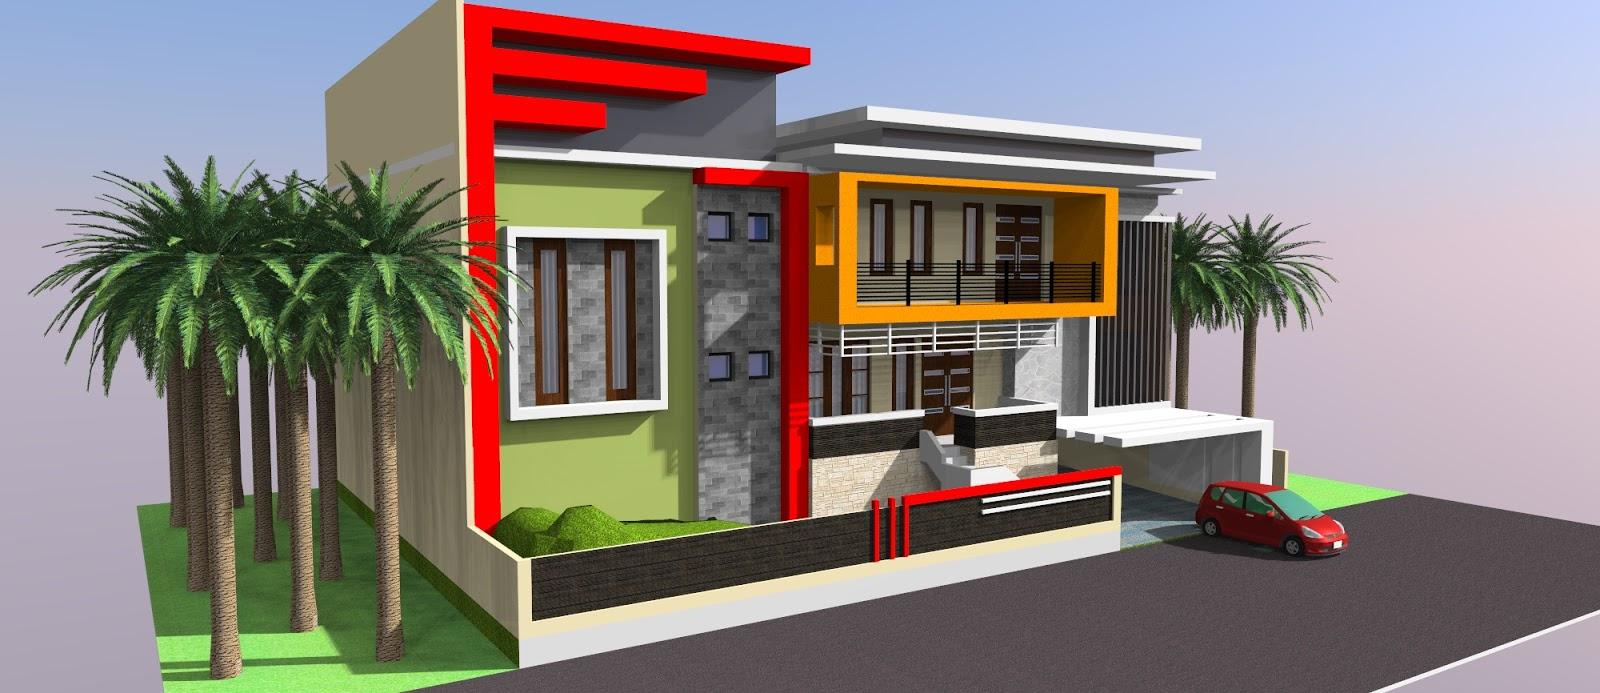 Jasa Desain Rumah 2D 3D minimalis modern & belajar ILLUSTRATOR: Jasa Desain Rumah 2D 3D minimalis modern